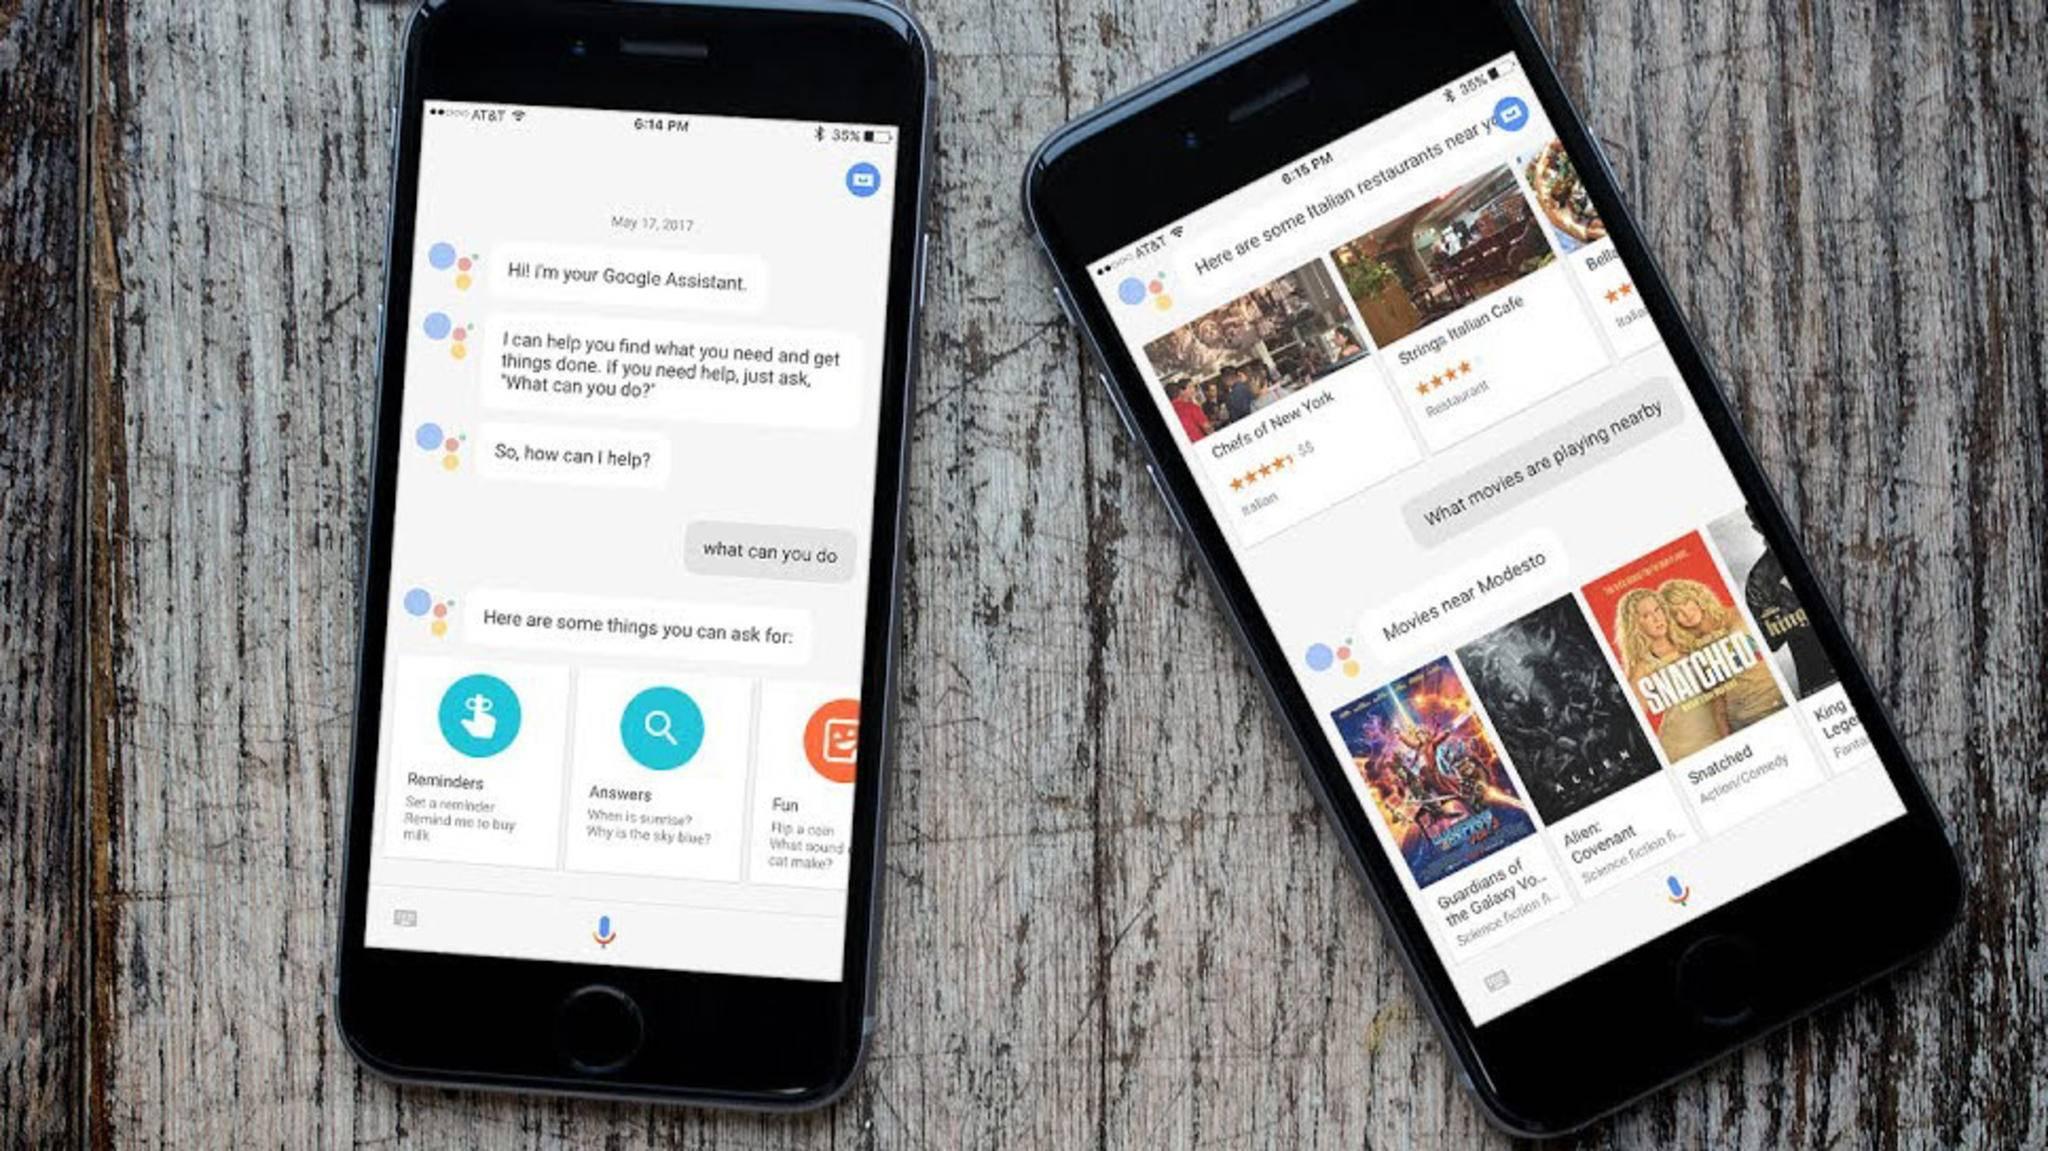 Jetzt auch in Deutschland für iPhones erhältlich: Der smarte Sprachdienst Google Assistant.